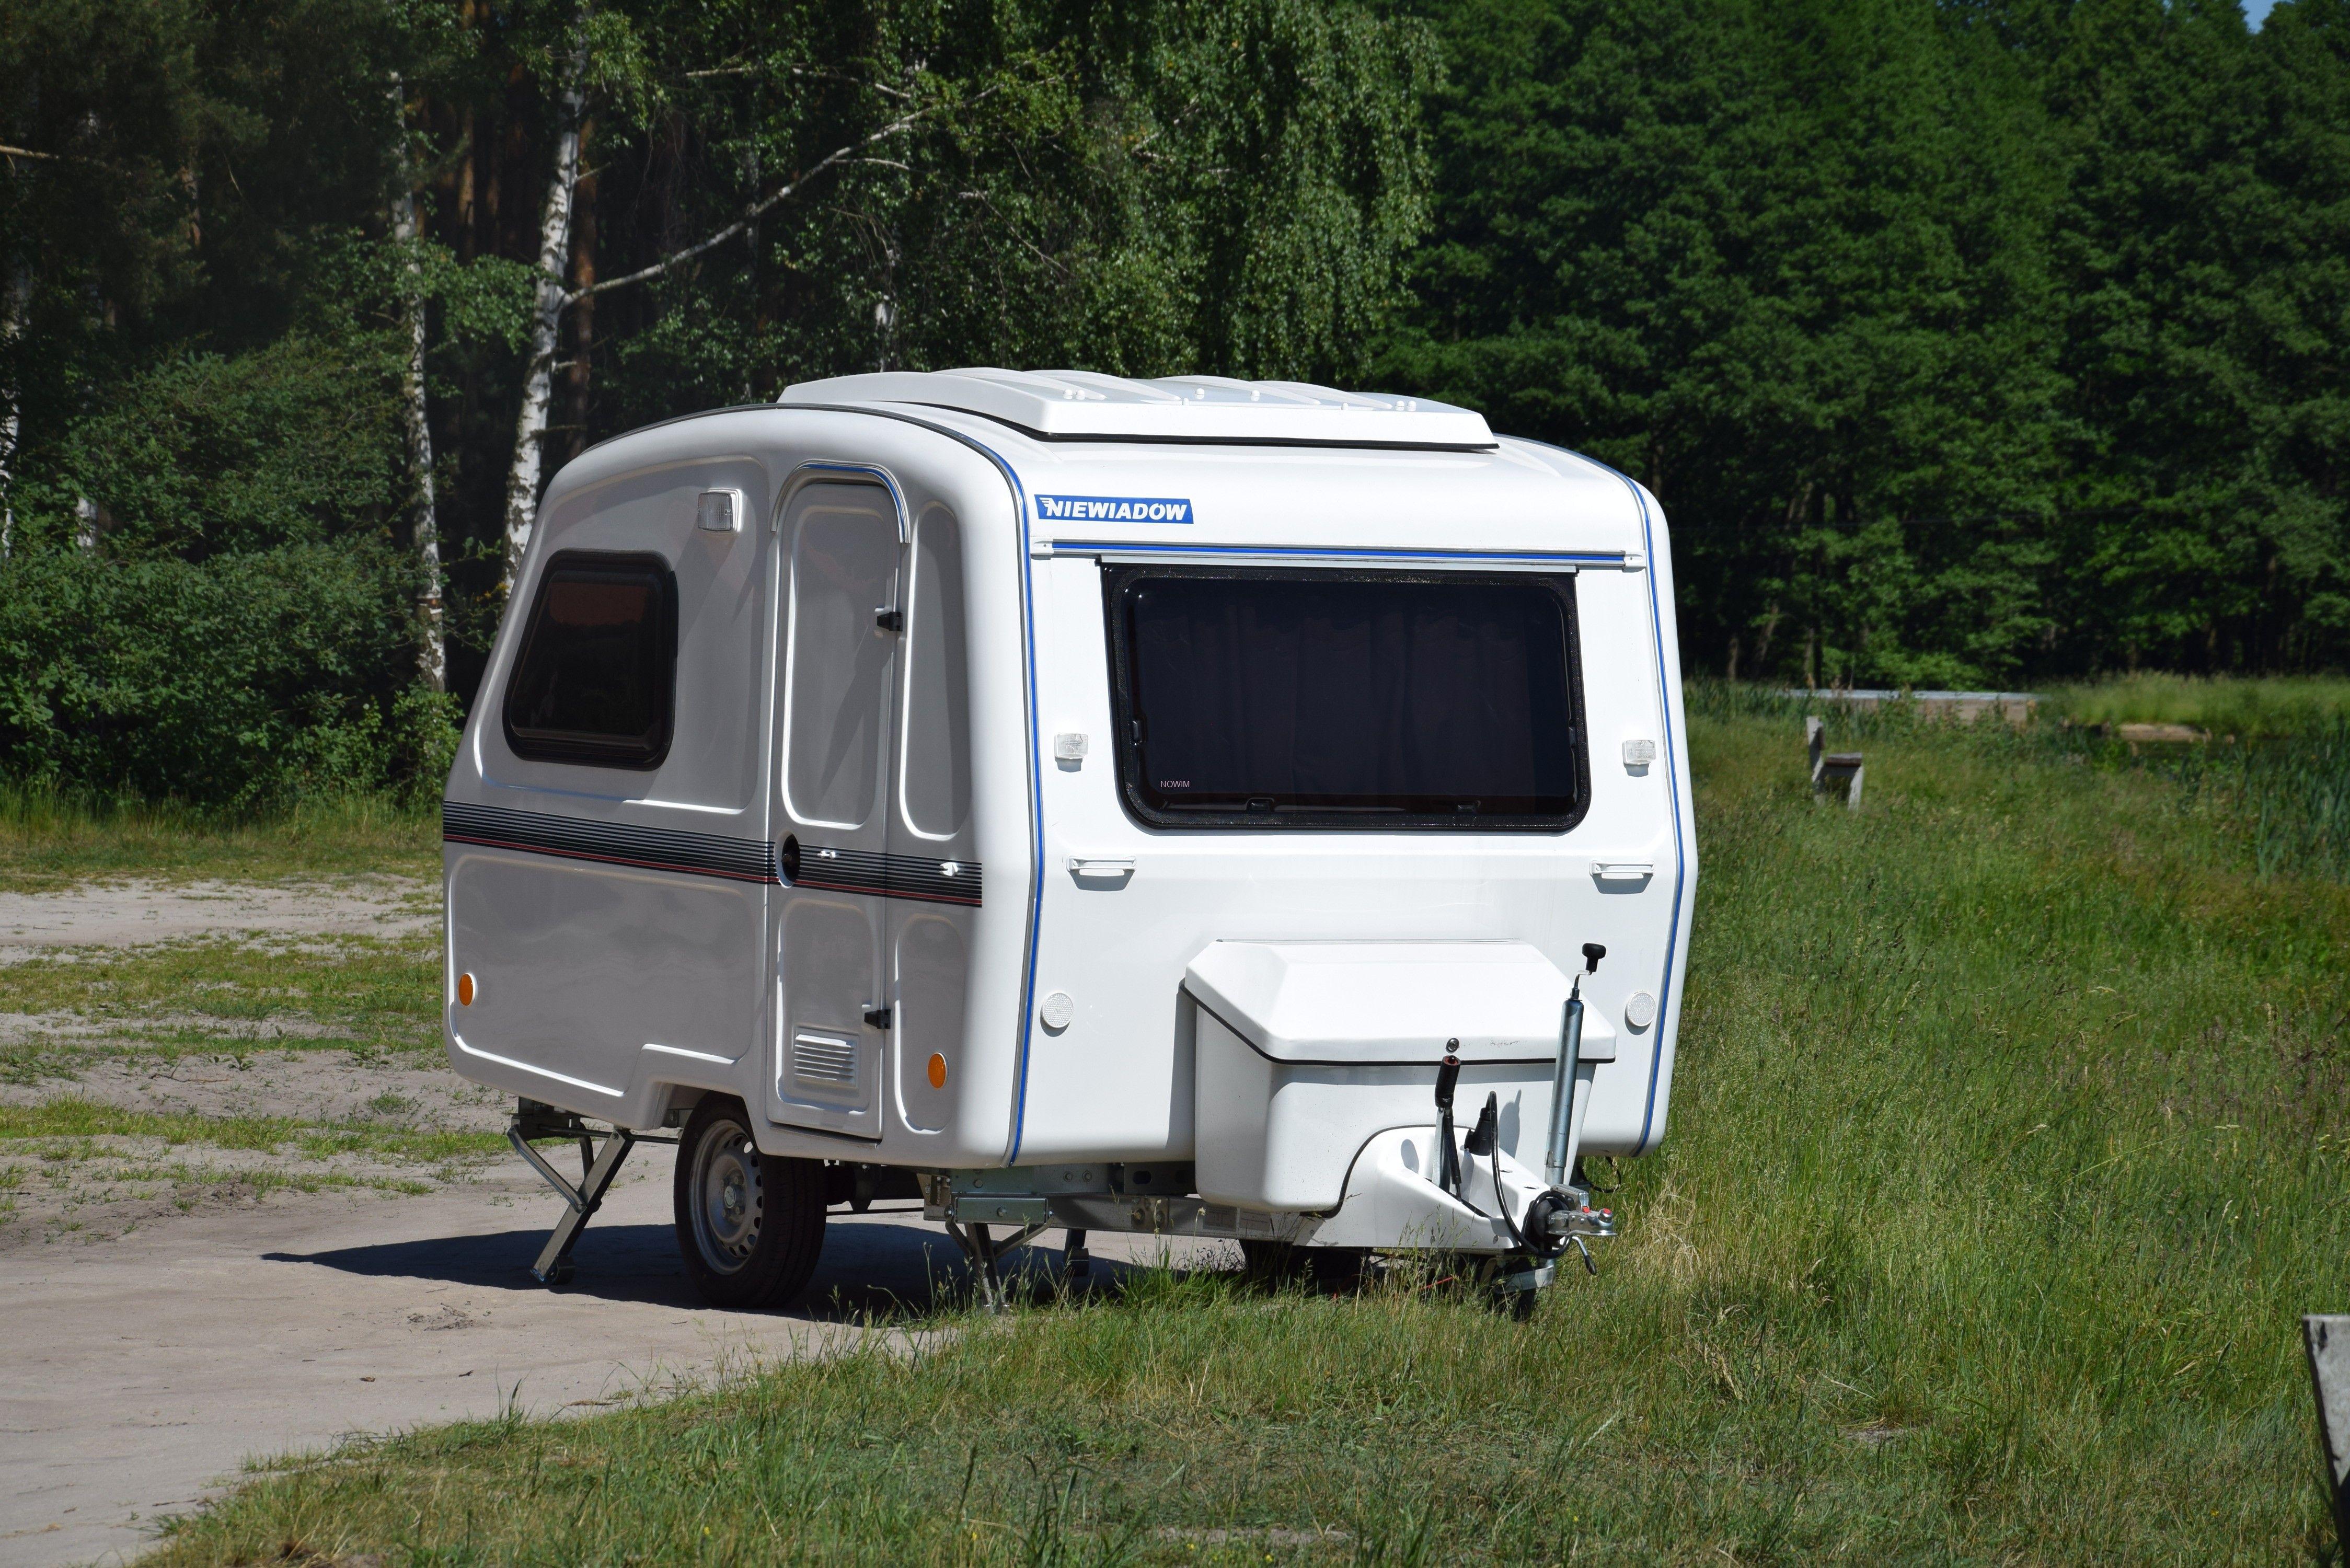 15603 Nowim Przyczepa Kempingowa Camping Bez łazienki Z Wyposażeniem Meblowym Niewiadów 126 D